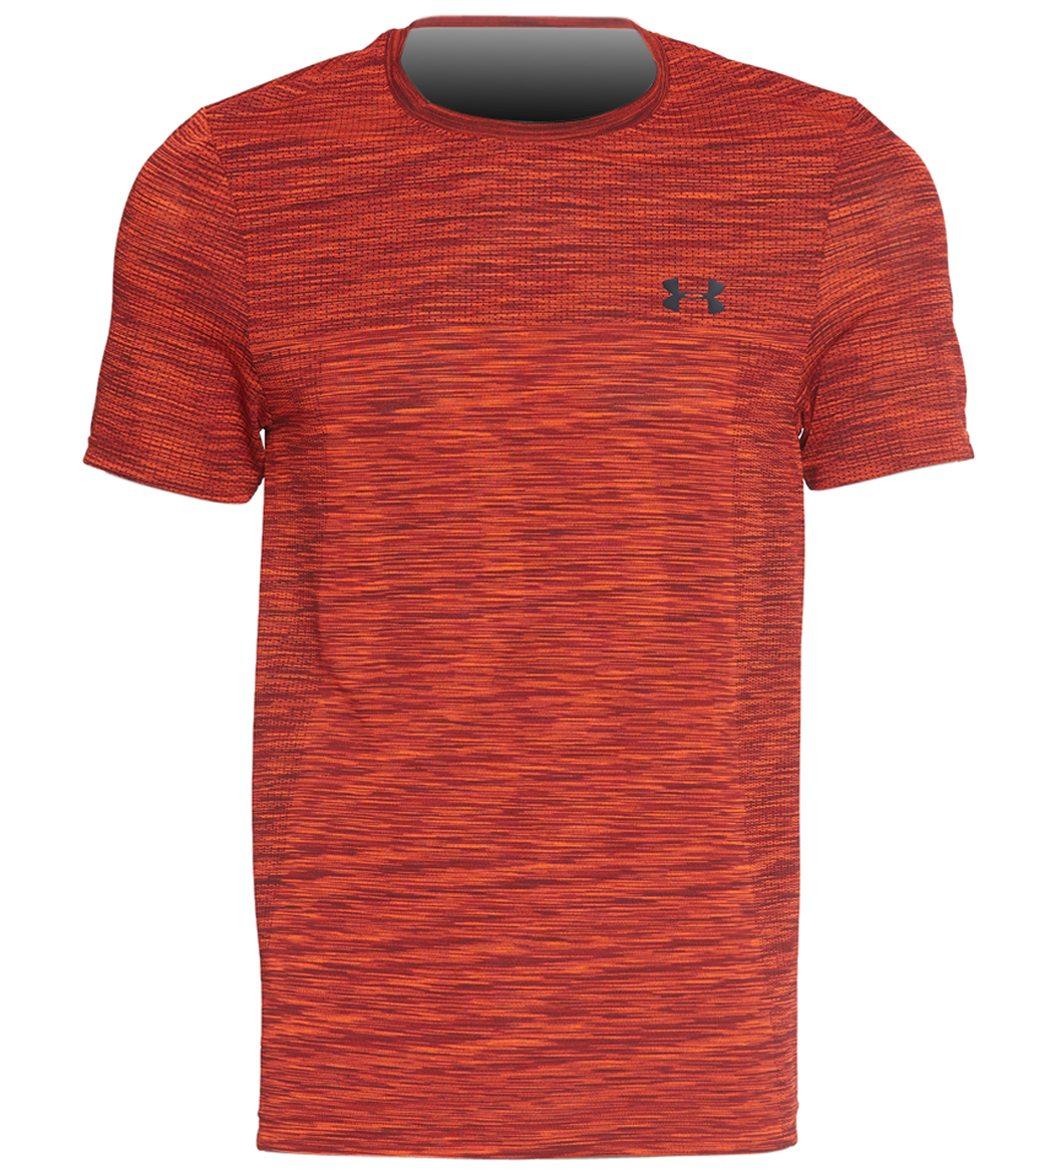 71d38a3e96 Under Armour Men's UA Vanish Seamless Short Sleeve Shirt